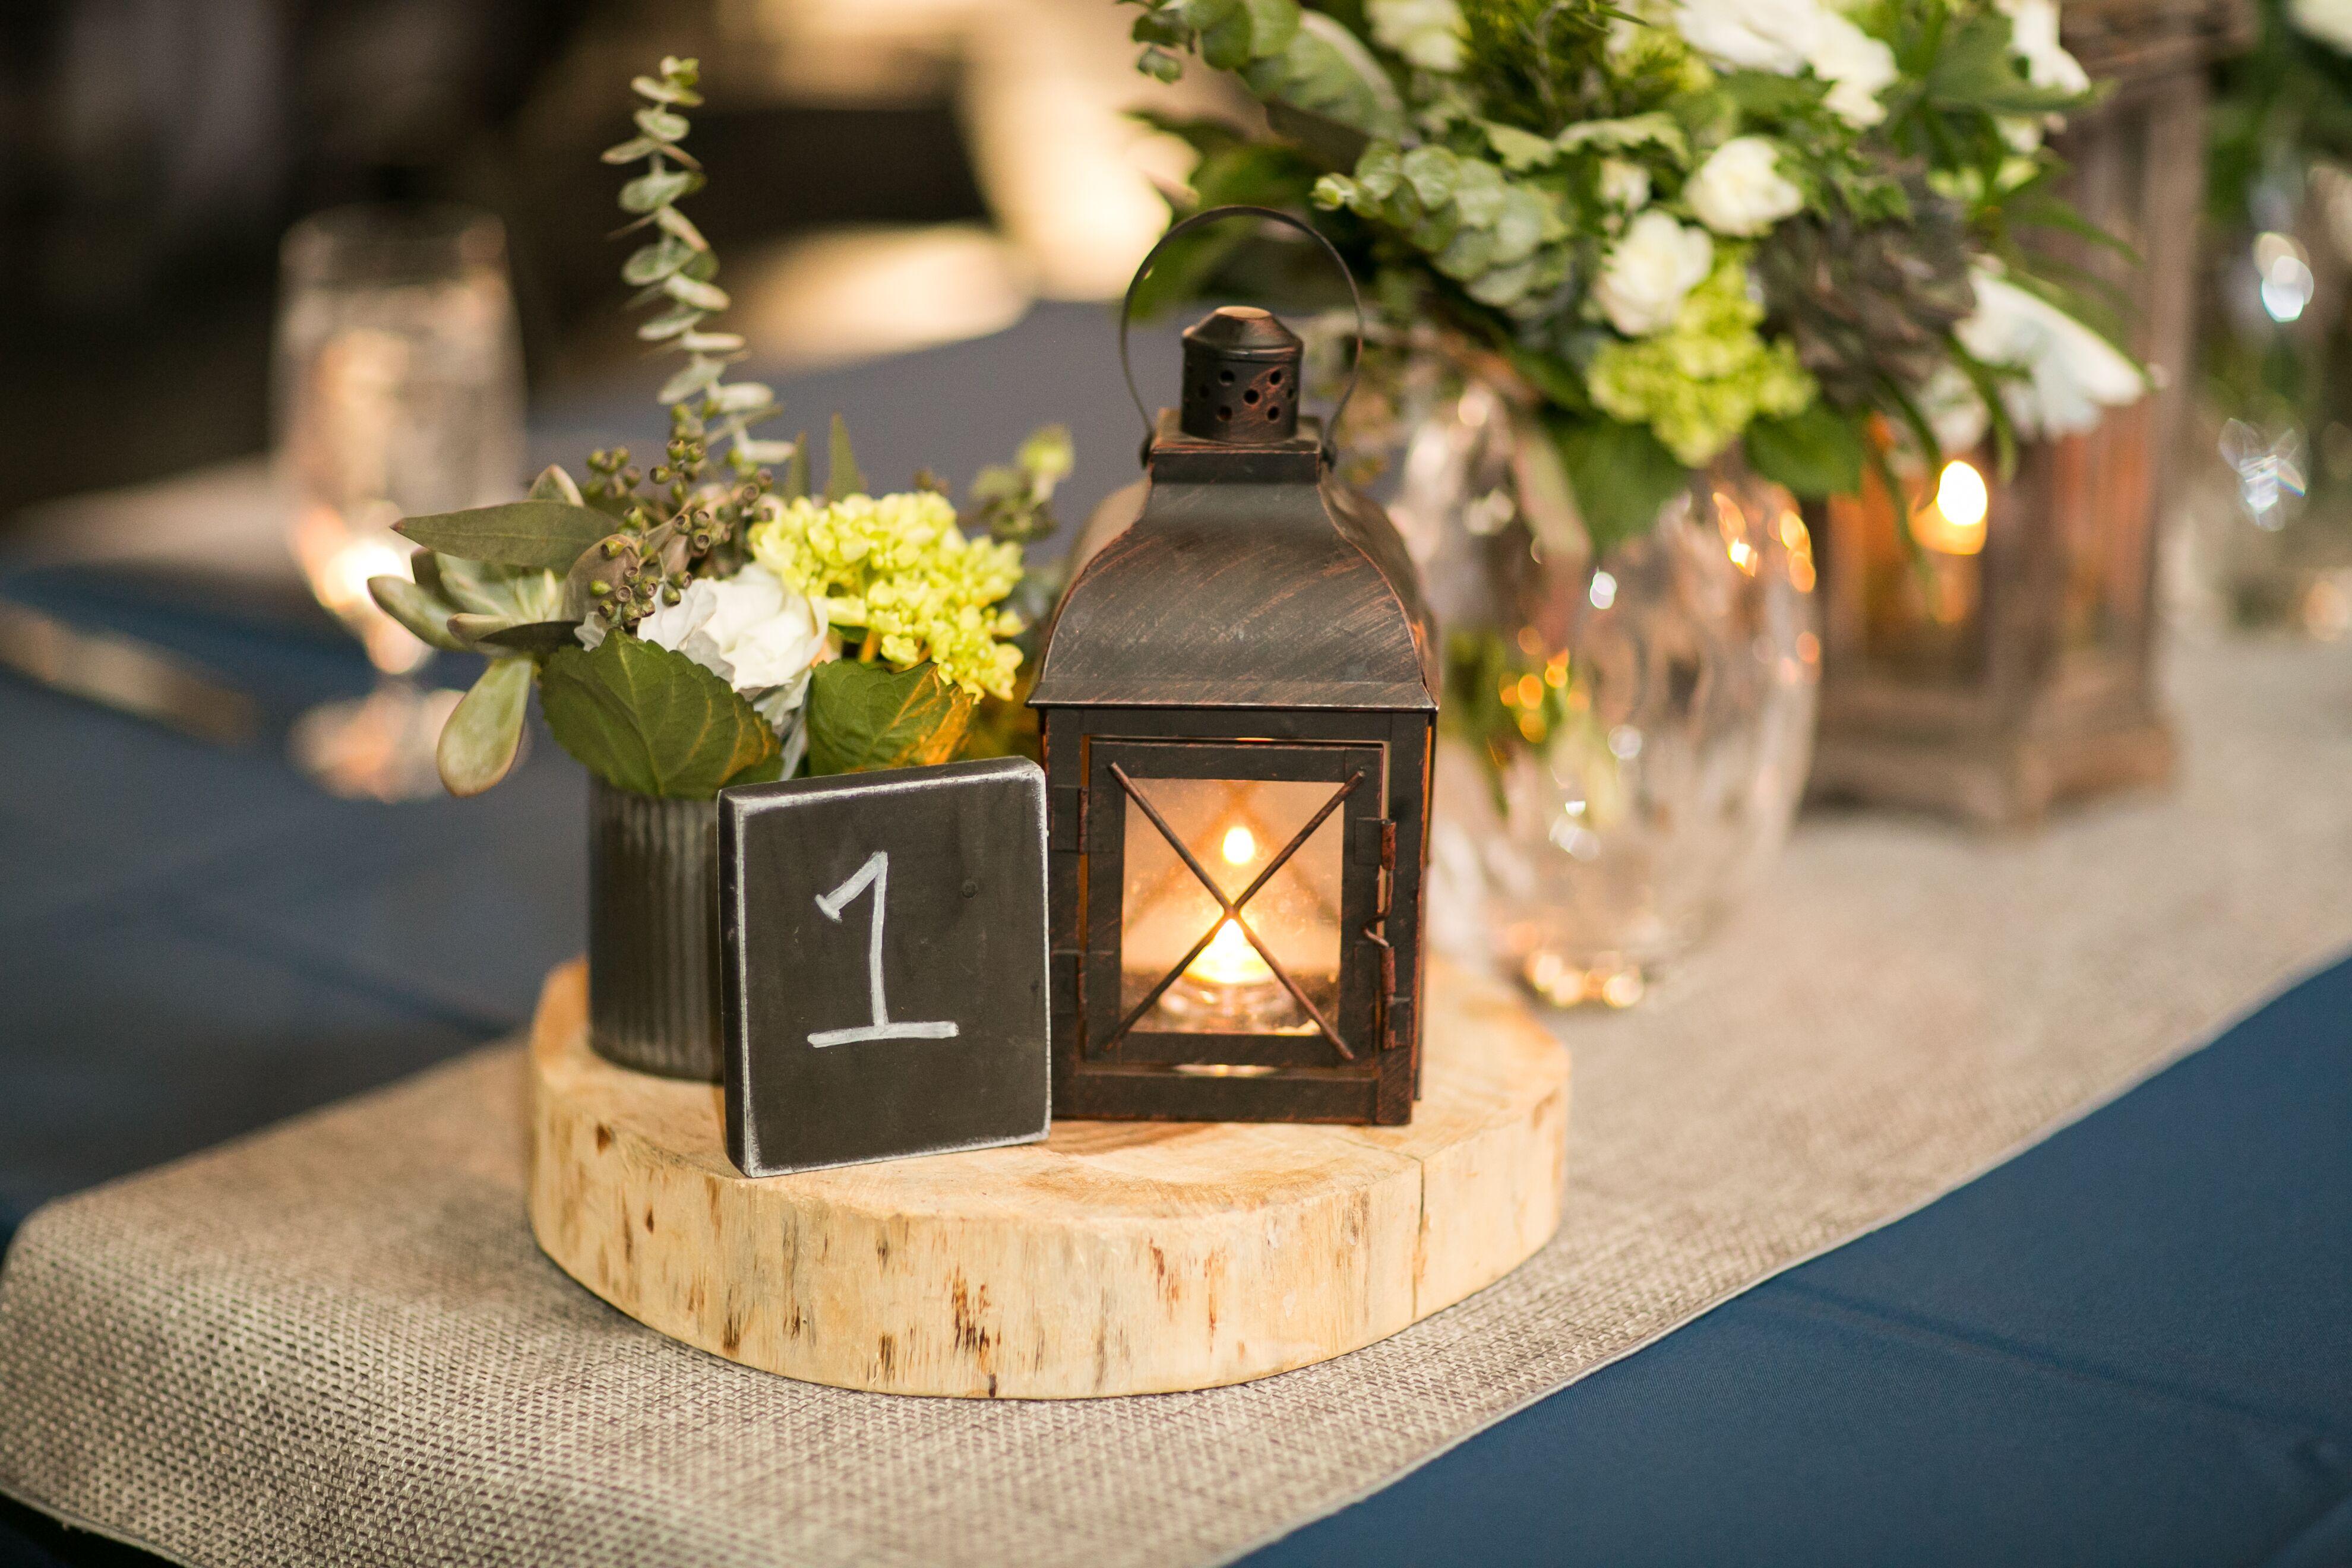 Wood Pedestal Centerpiece : Rustic lantern centerpieces on wooden pedestals